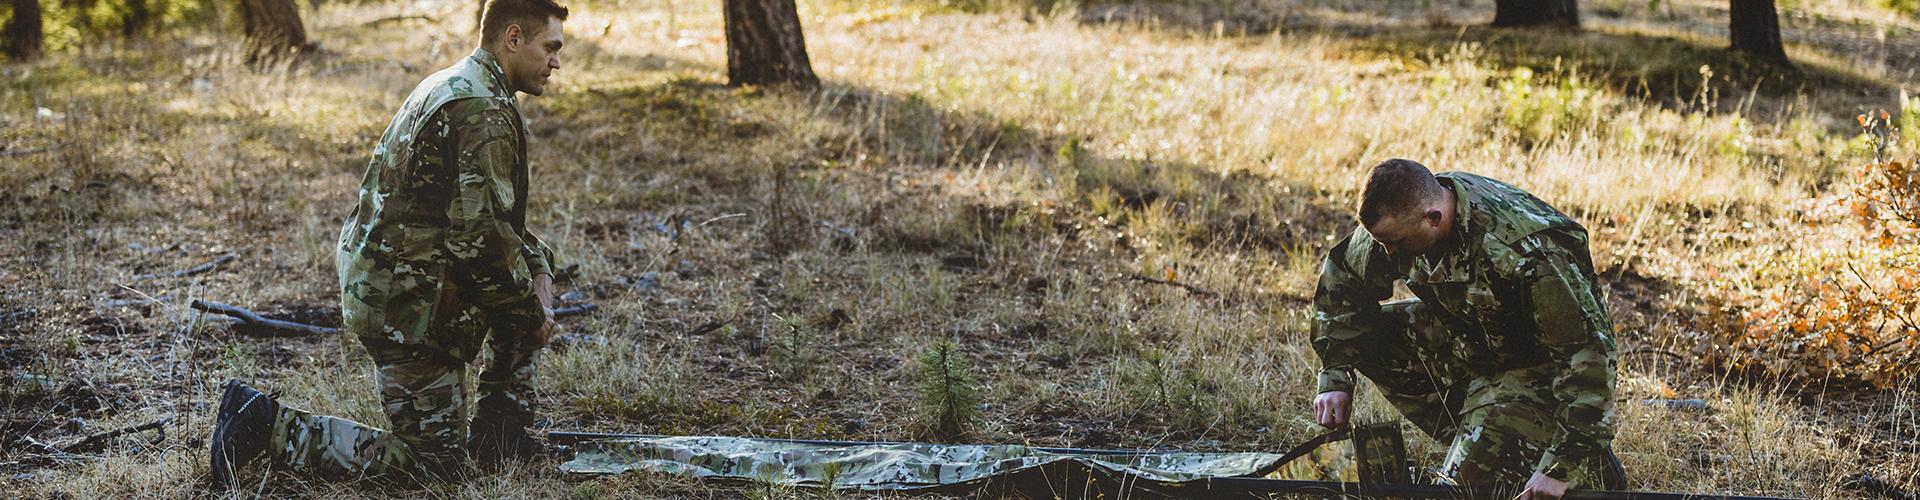 keltytactical-crarea-twmphoto-ex12-20-0535.jpg